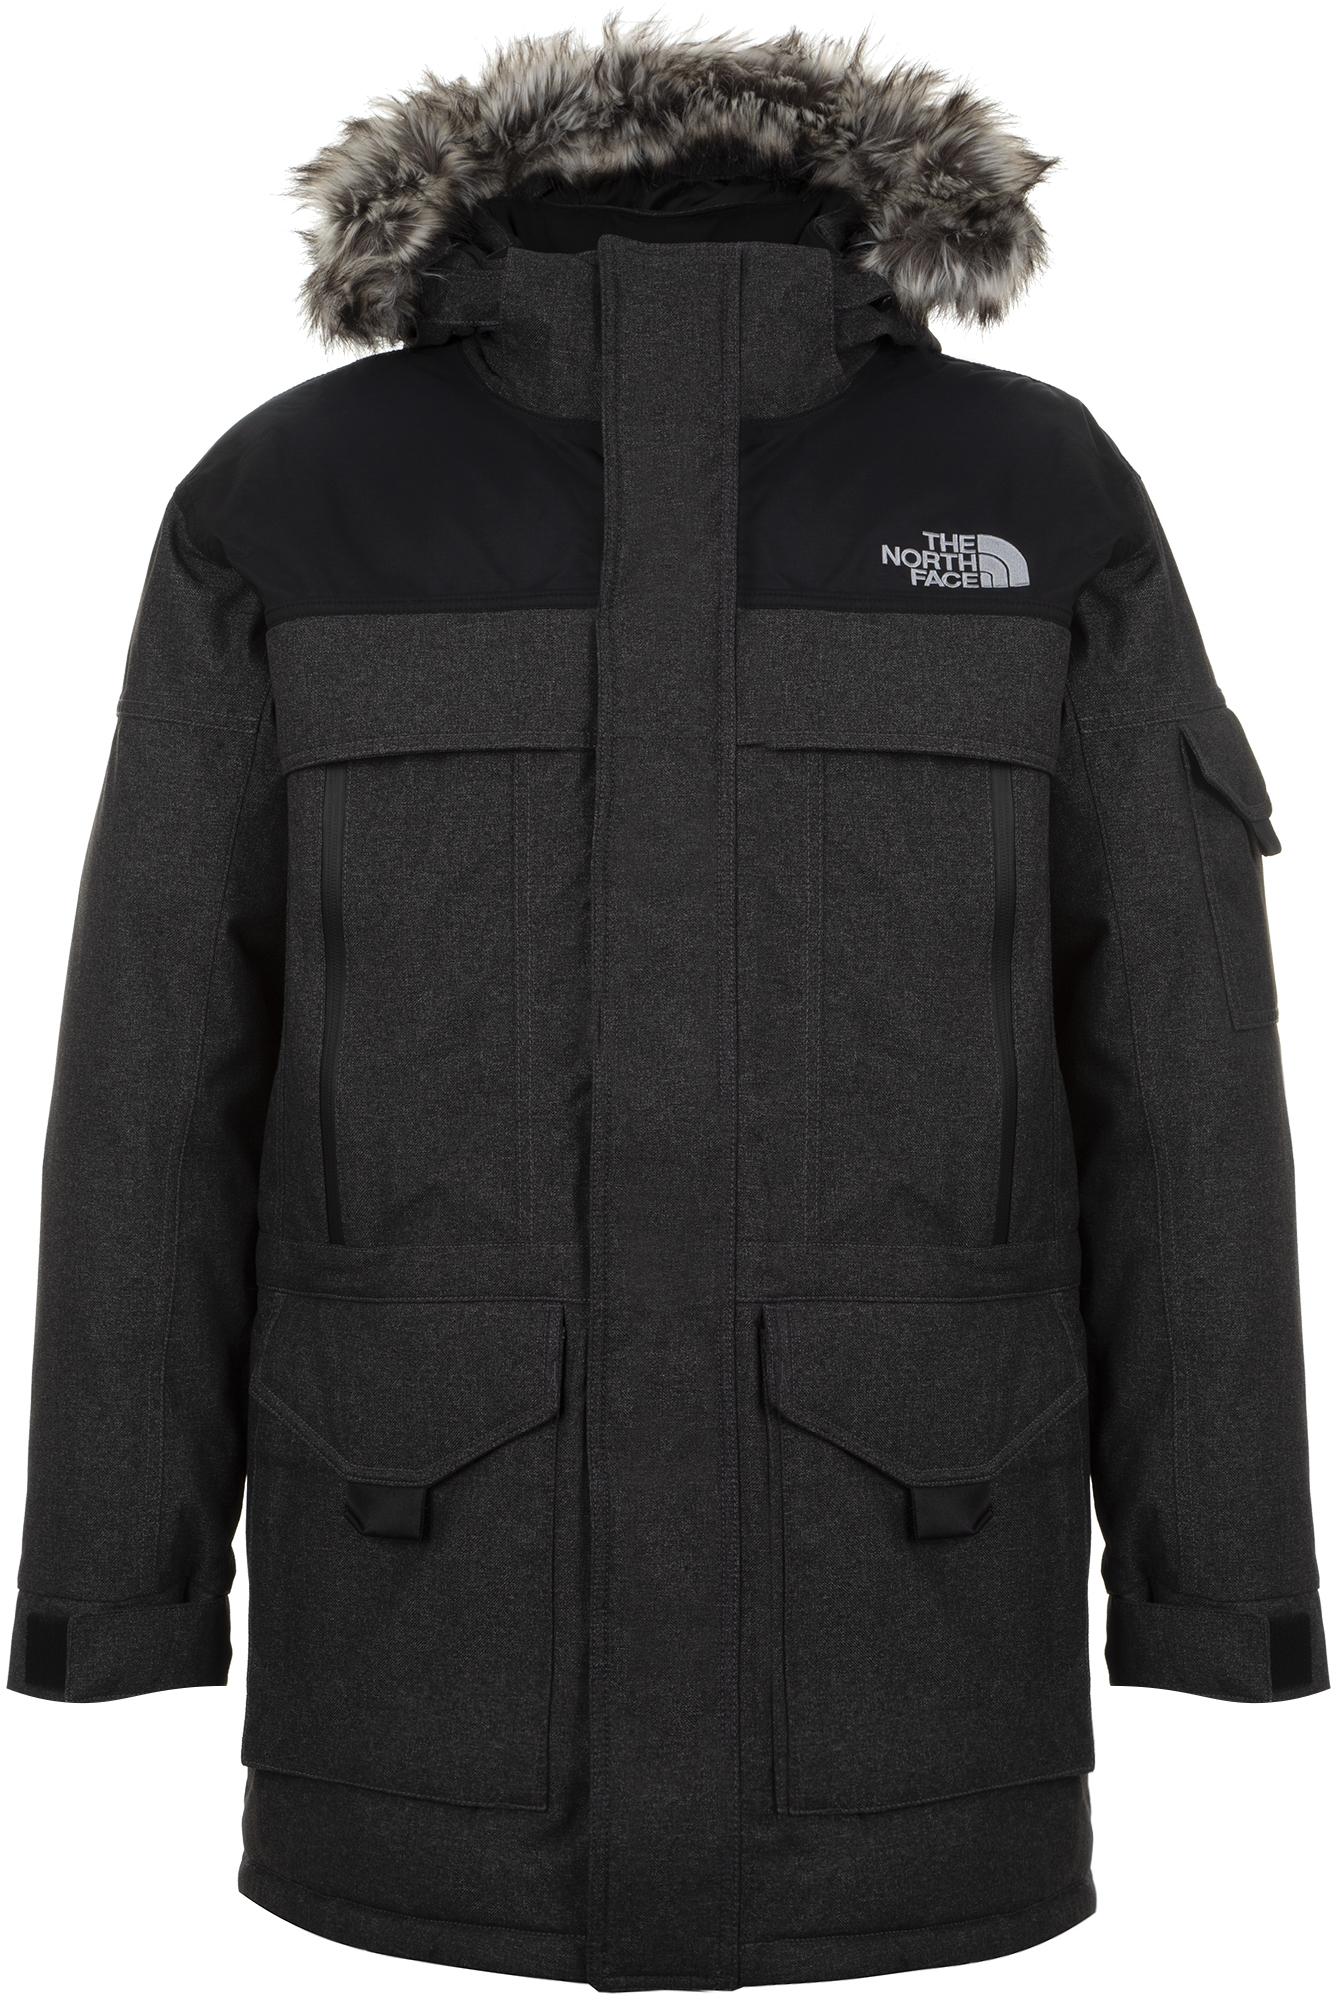 The North Face Куртка пуховая мужская Mc Murdo 2, размер 52